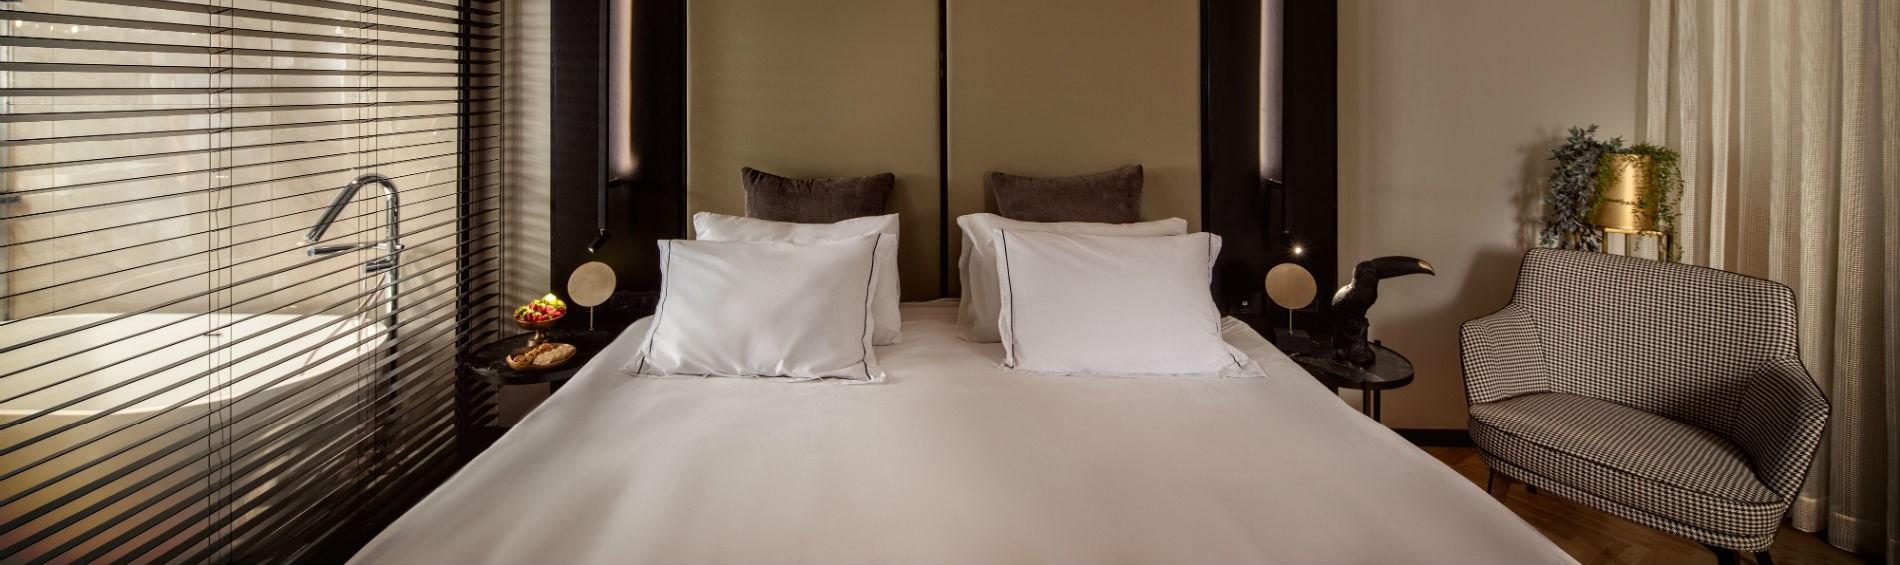 חדרים וסוויטות - מלון לייקהאוס